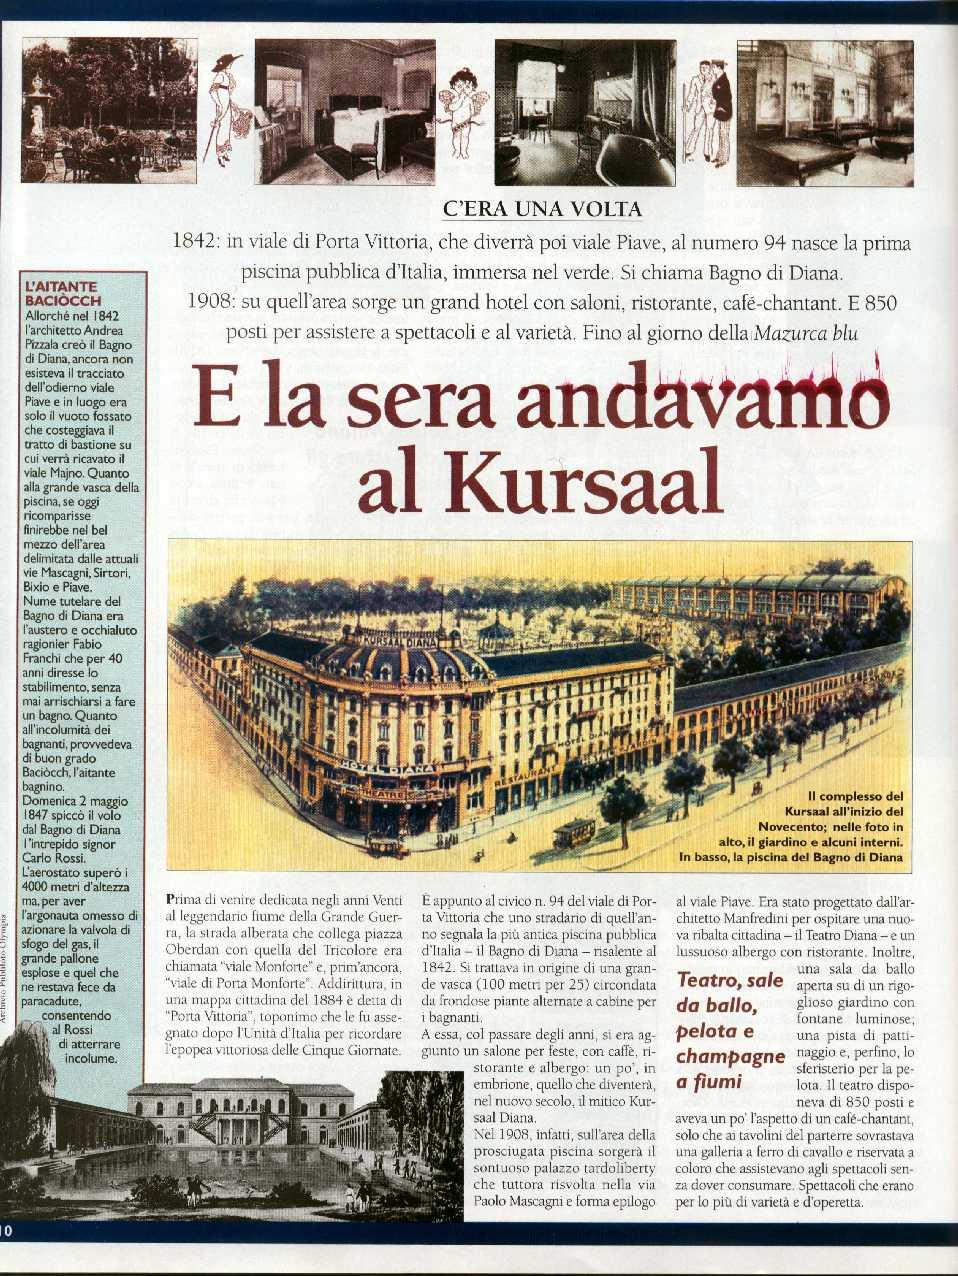 Milano sparita page 105 skyscrapercity - Il bagno di diana klossowski ...